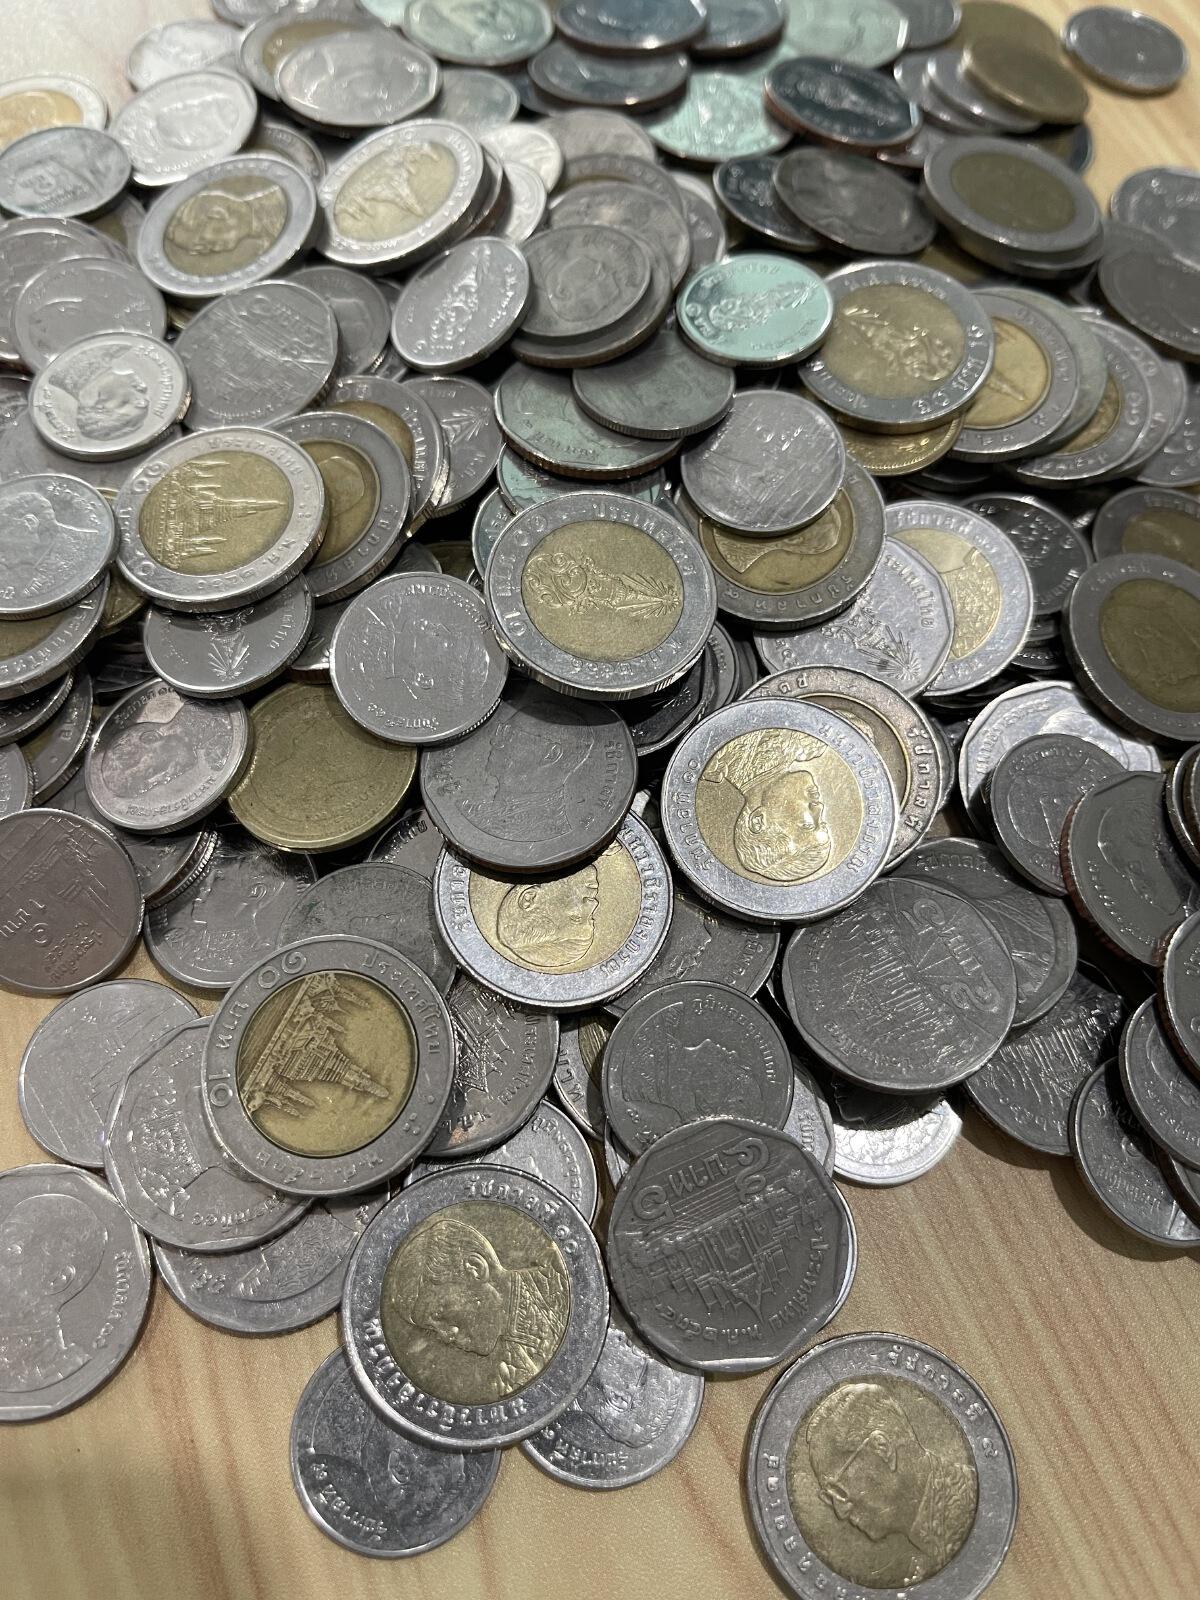 ปลูกฝังให้คนไทยรักการออมเงิน